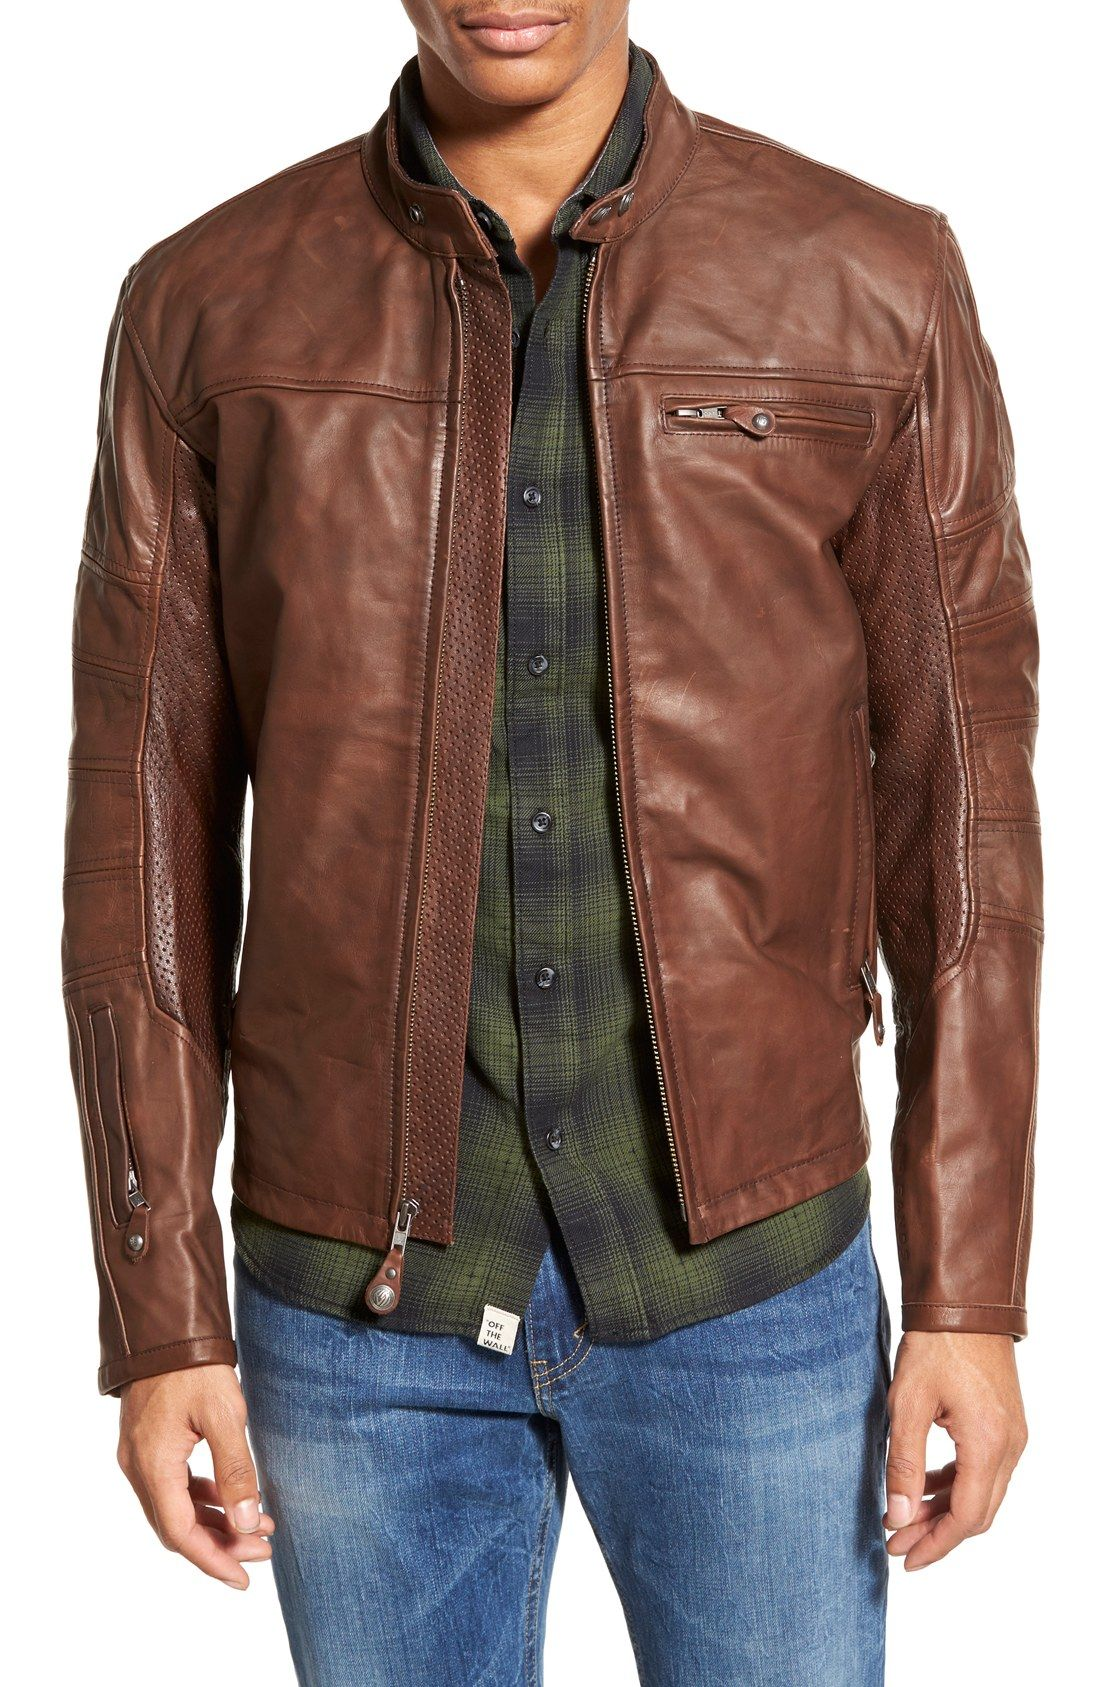 Roland Sands Design Ronin Cafe Racer Leather Jacket Nordstrom Cafe Racer Leather Jacket Real Leather Jacket Leather Jacket Men [ 1687 x 1100 Pixel ]